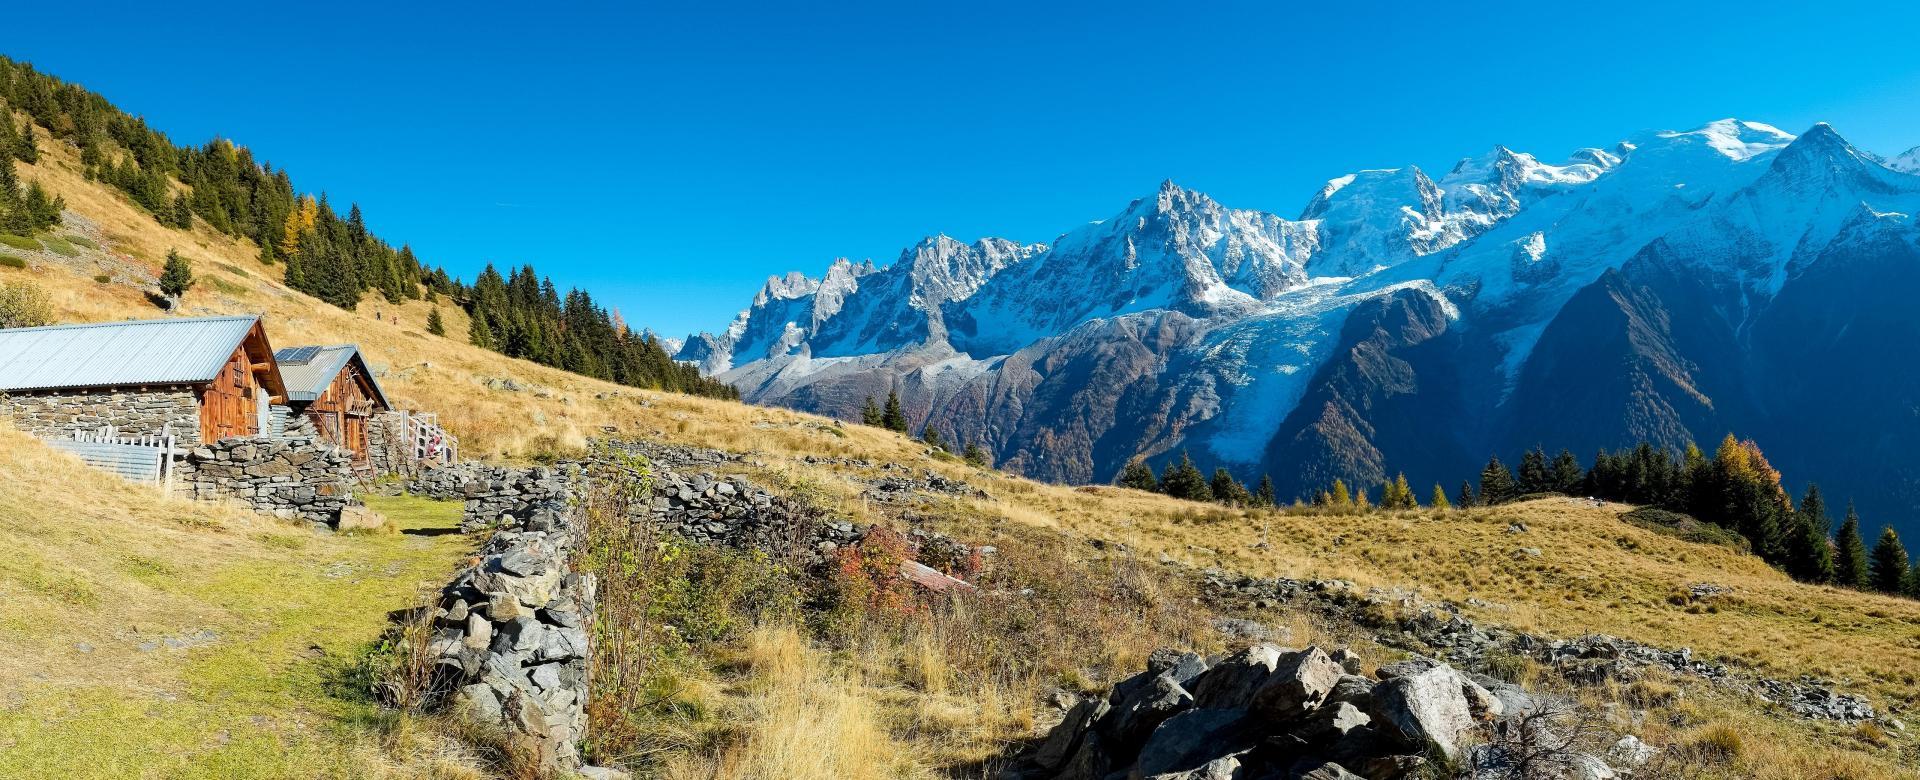 Voyage à pied France : Les panoramas du mont blanc